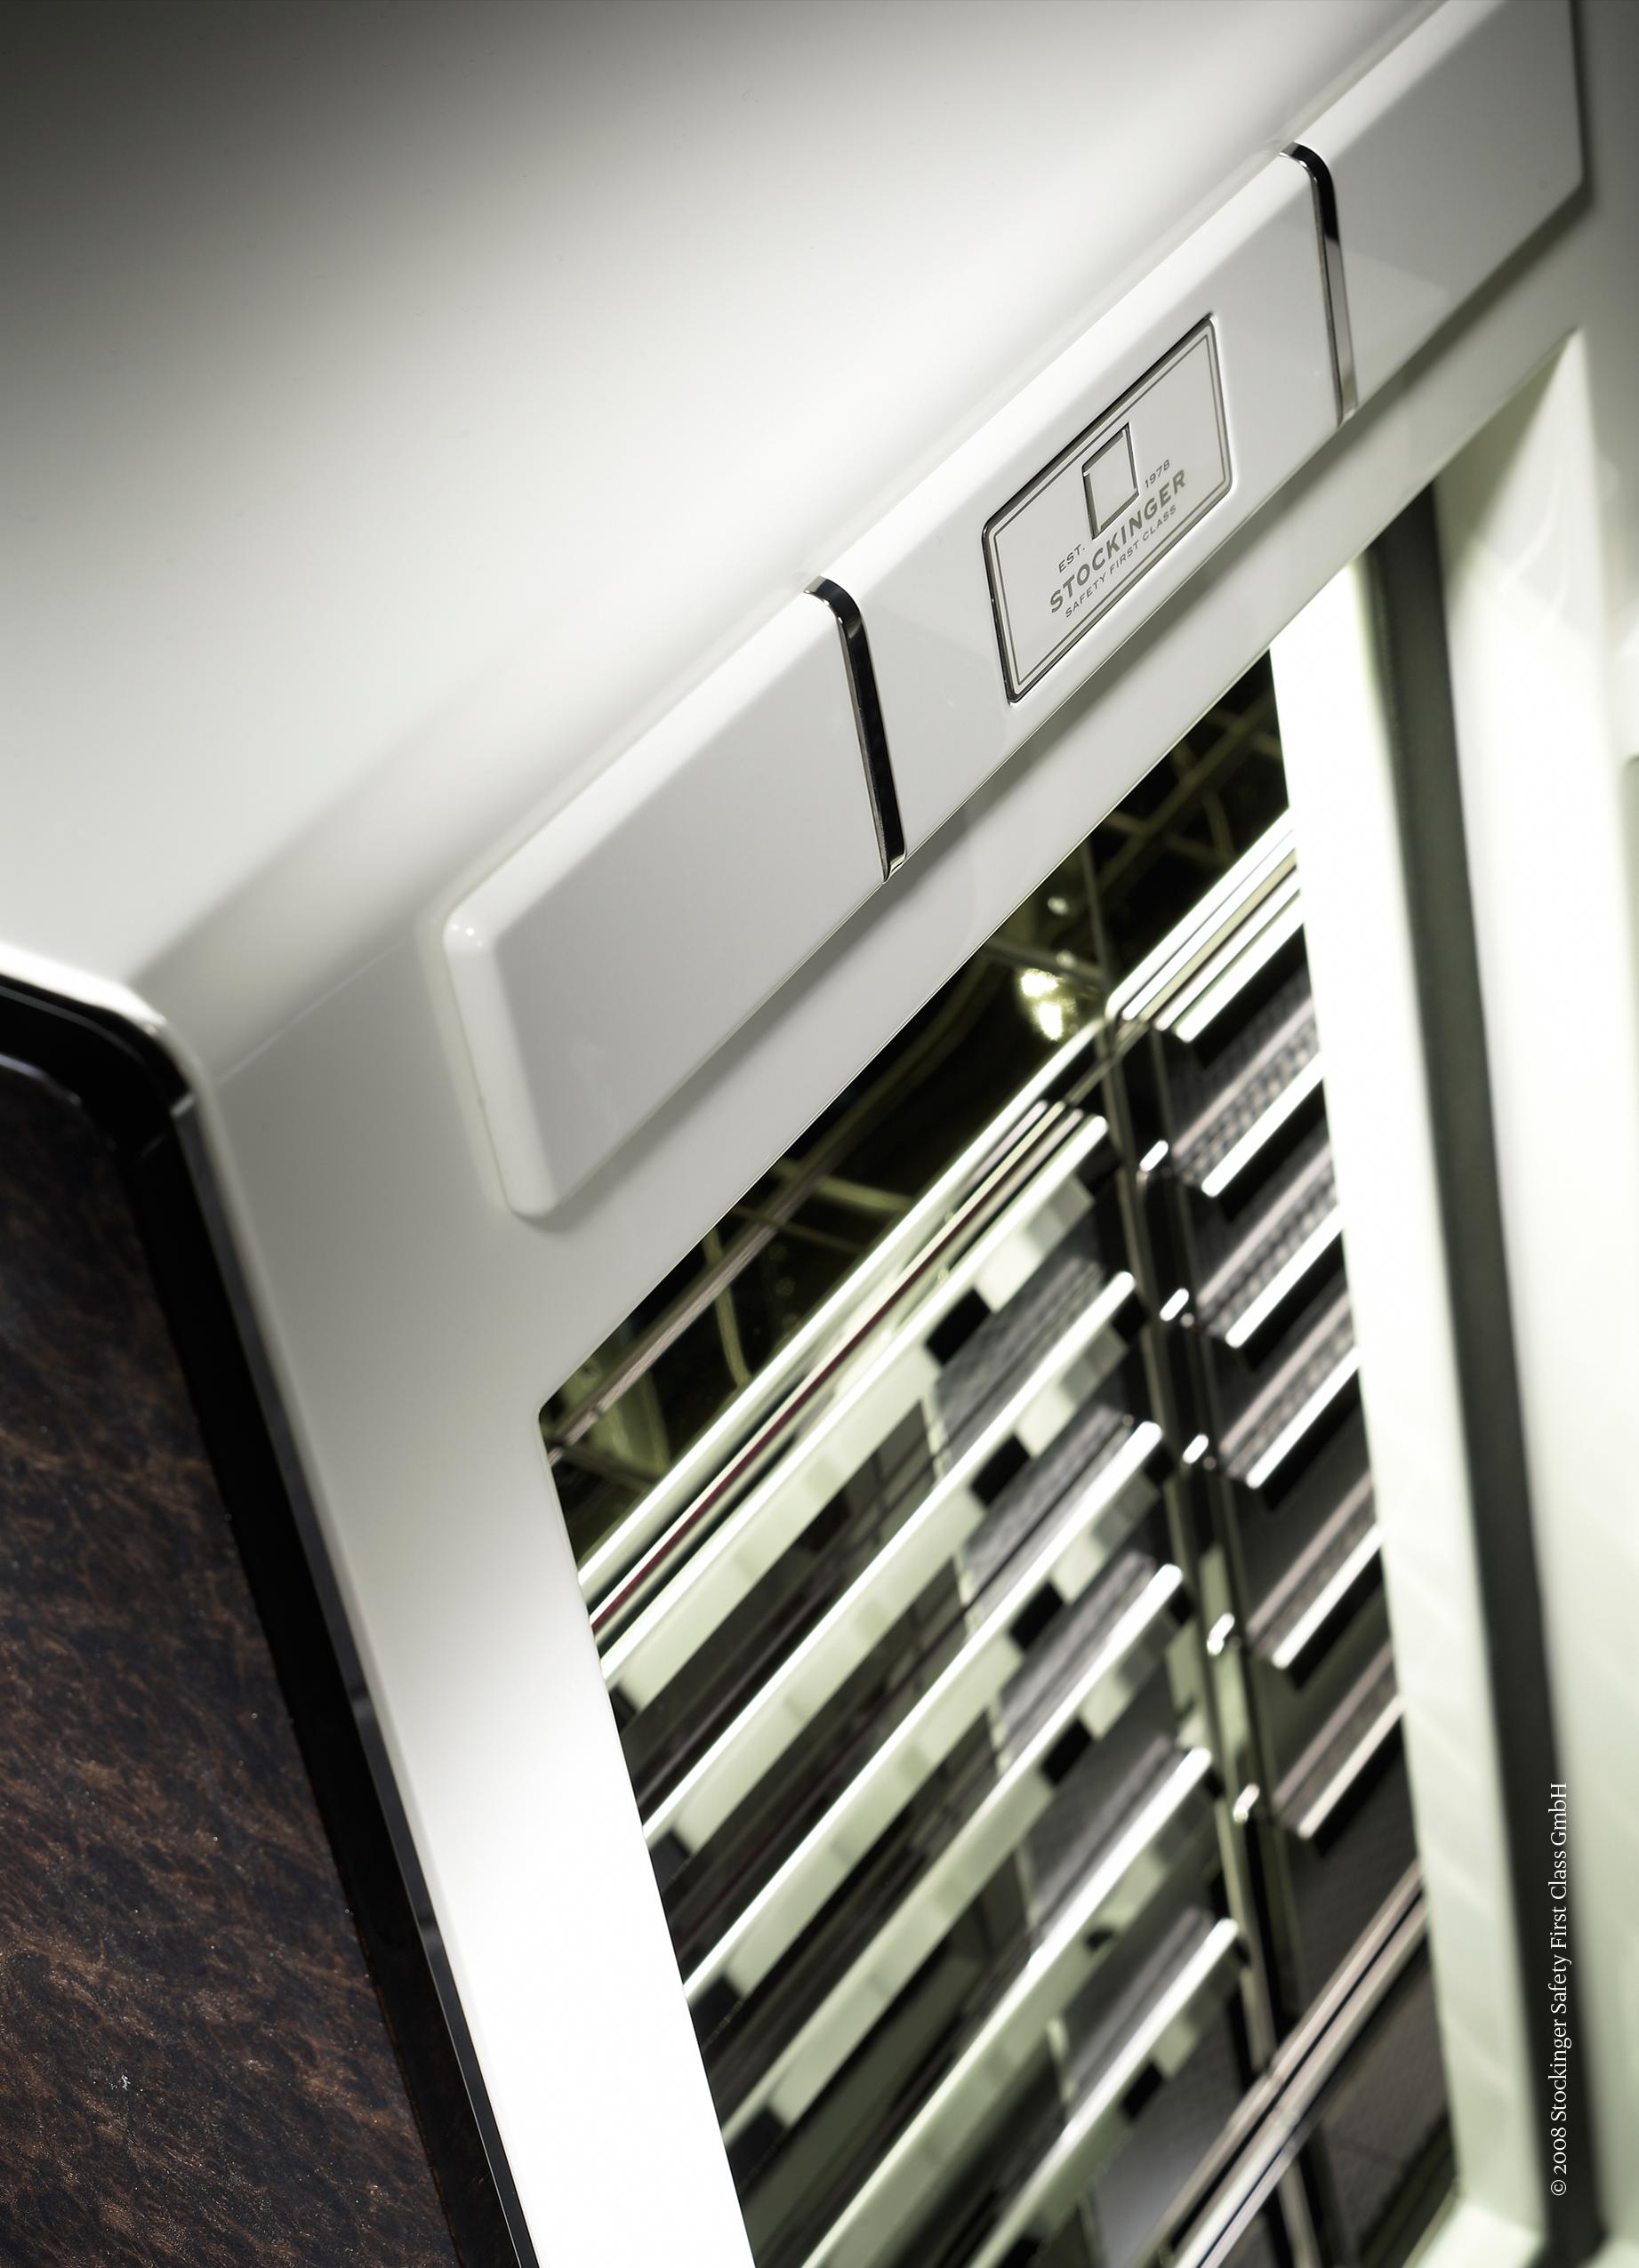 Bentley Continental Взломостойкий сейф с ящичками для статического хранения часов и драгоценностей